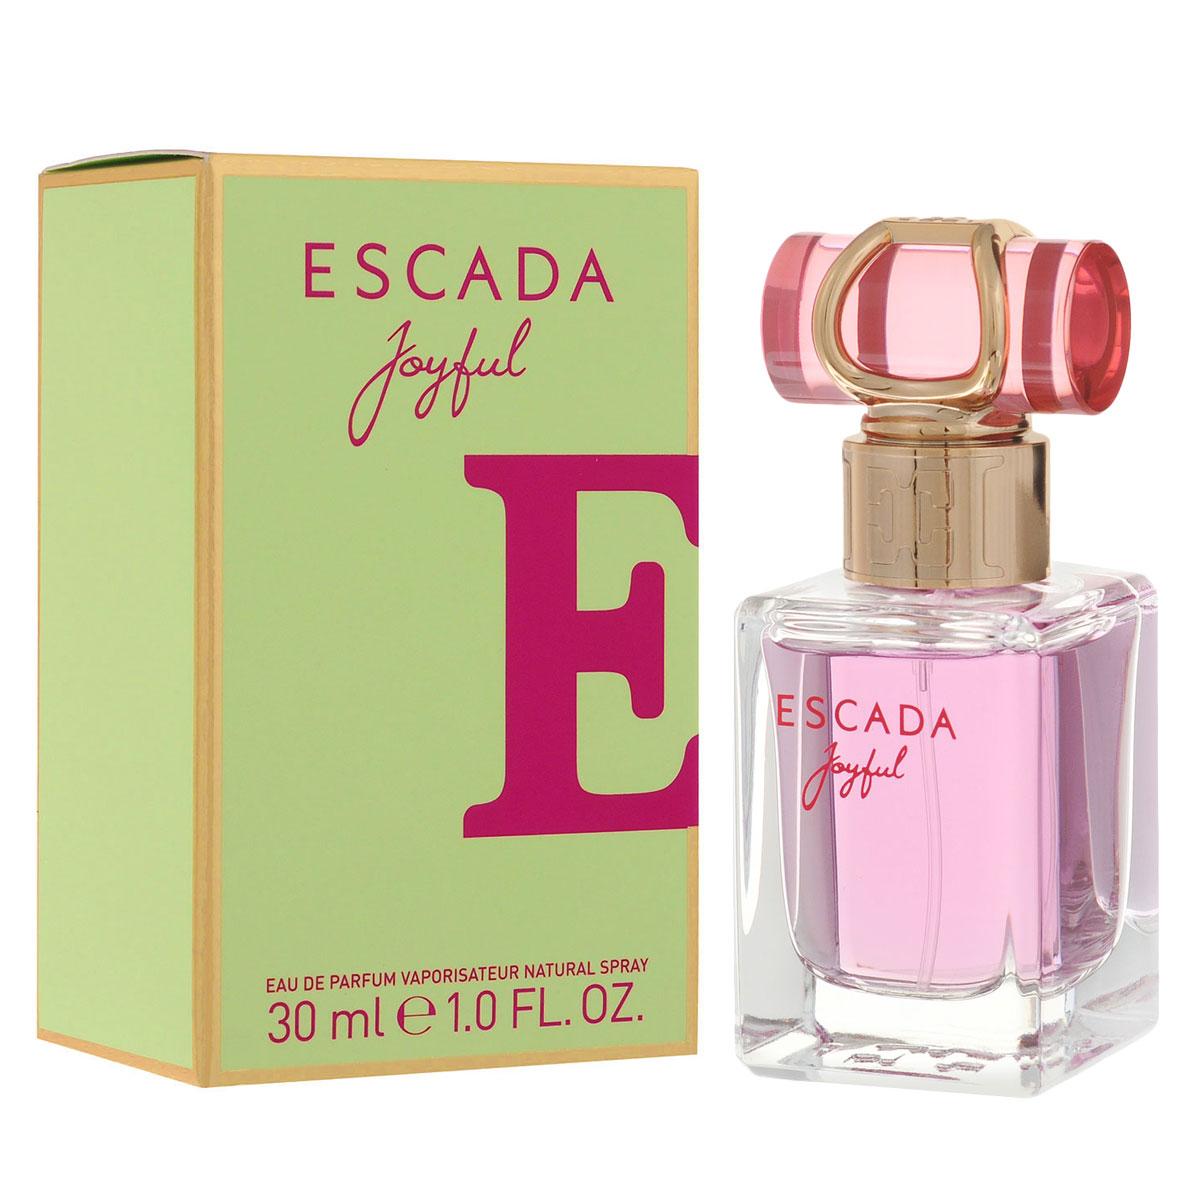 Escada Парфюмерная вода Joyful, женская, 30 мл0737052778266Нежный и легкий, словно мерцающая утренняя роса, ESCADA Joyful – это восхитительный цветочный аромат. Насыщенный аромат магнолии и розового пиона придает аромату глубину, выразительность и изысканный характер. Верхние ноты Аромат открывается аккордом сорбета из черной смородины, который дарит коже ощущение свежести и прохлады. Энергичные ноты мандарина и дыни придают композиции игривость и свободу духа. Сердечные ноты Фруктовые аккорды гармонично дополняются нотами листьев фиалки, в то время как розовый пион добавляет жизнерадостности. Натуральное масло магнолии придает особую свежесть, которую усиливают острые ноты розовой фрезии и цикламена. Базовые ноты Теплый шлейф содержит уникальный компонент, Florimoss, придающий композиции землистые оттенки, окутанные нотами теплого сливочного сандалового дерева и роскошных медовых сот. Все это создает идеальное обрамление и добавляет насыщенности цветочным ингредиентам. Верхняя нота: сорбет из черной смородины, мандарина и дыни. ...